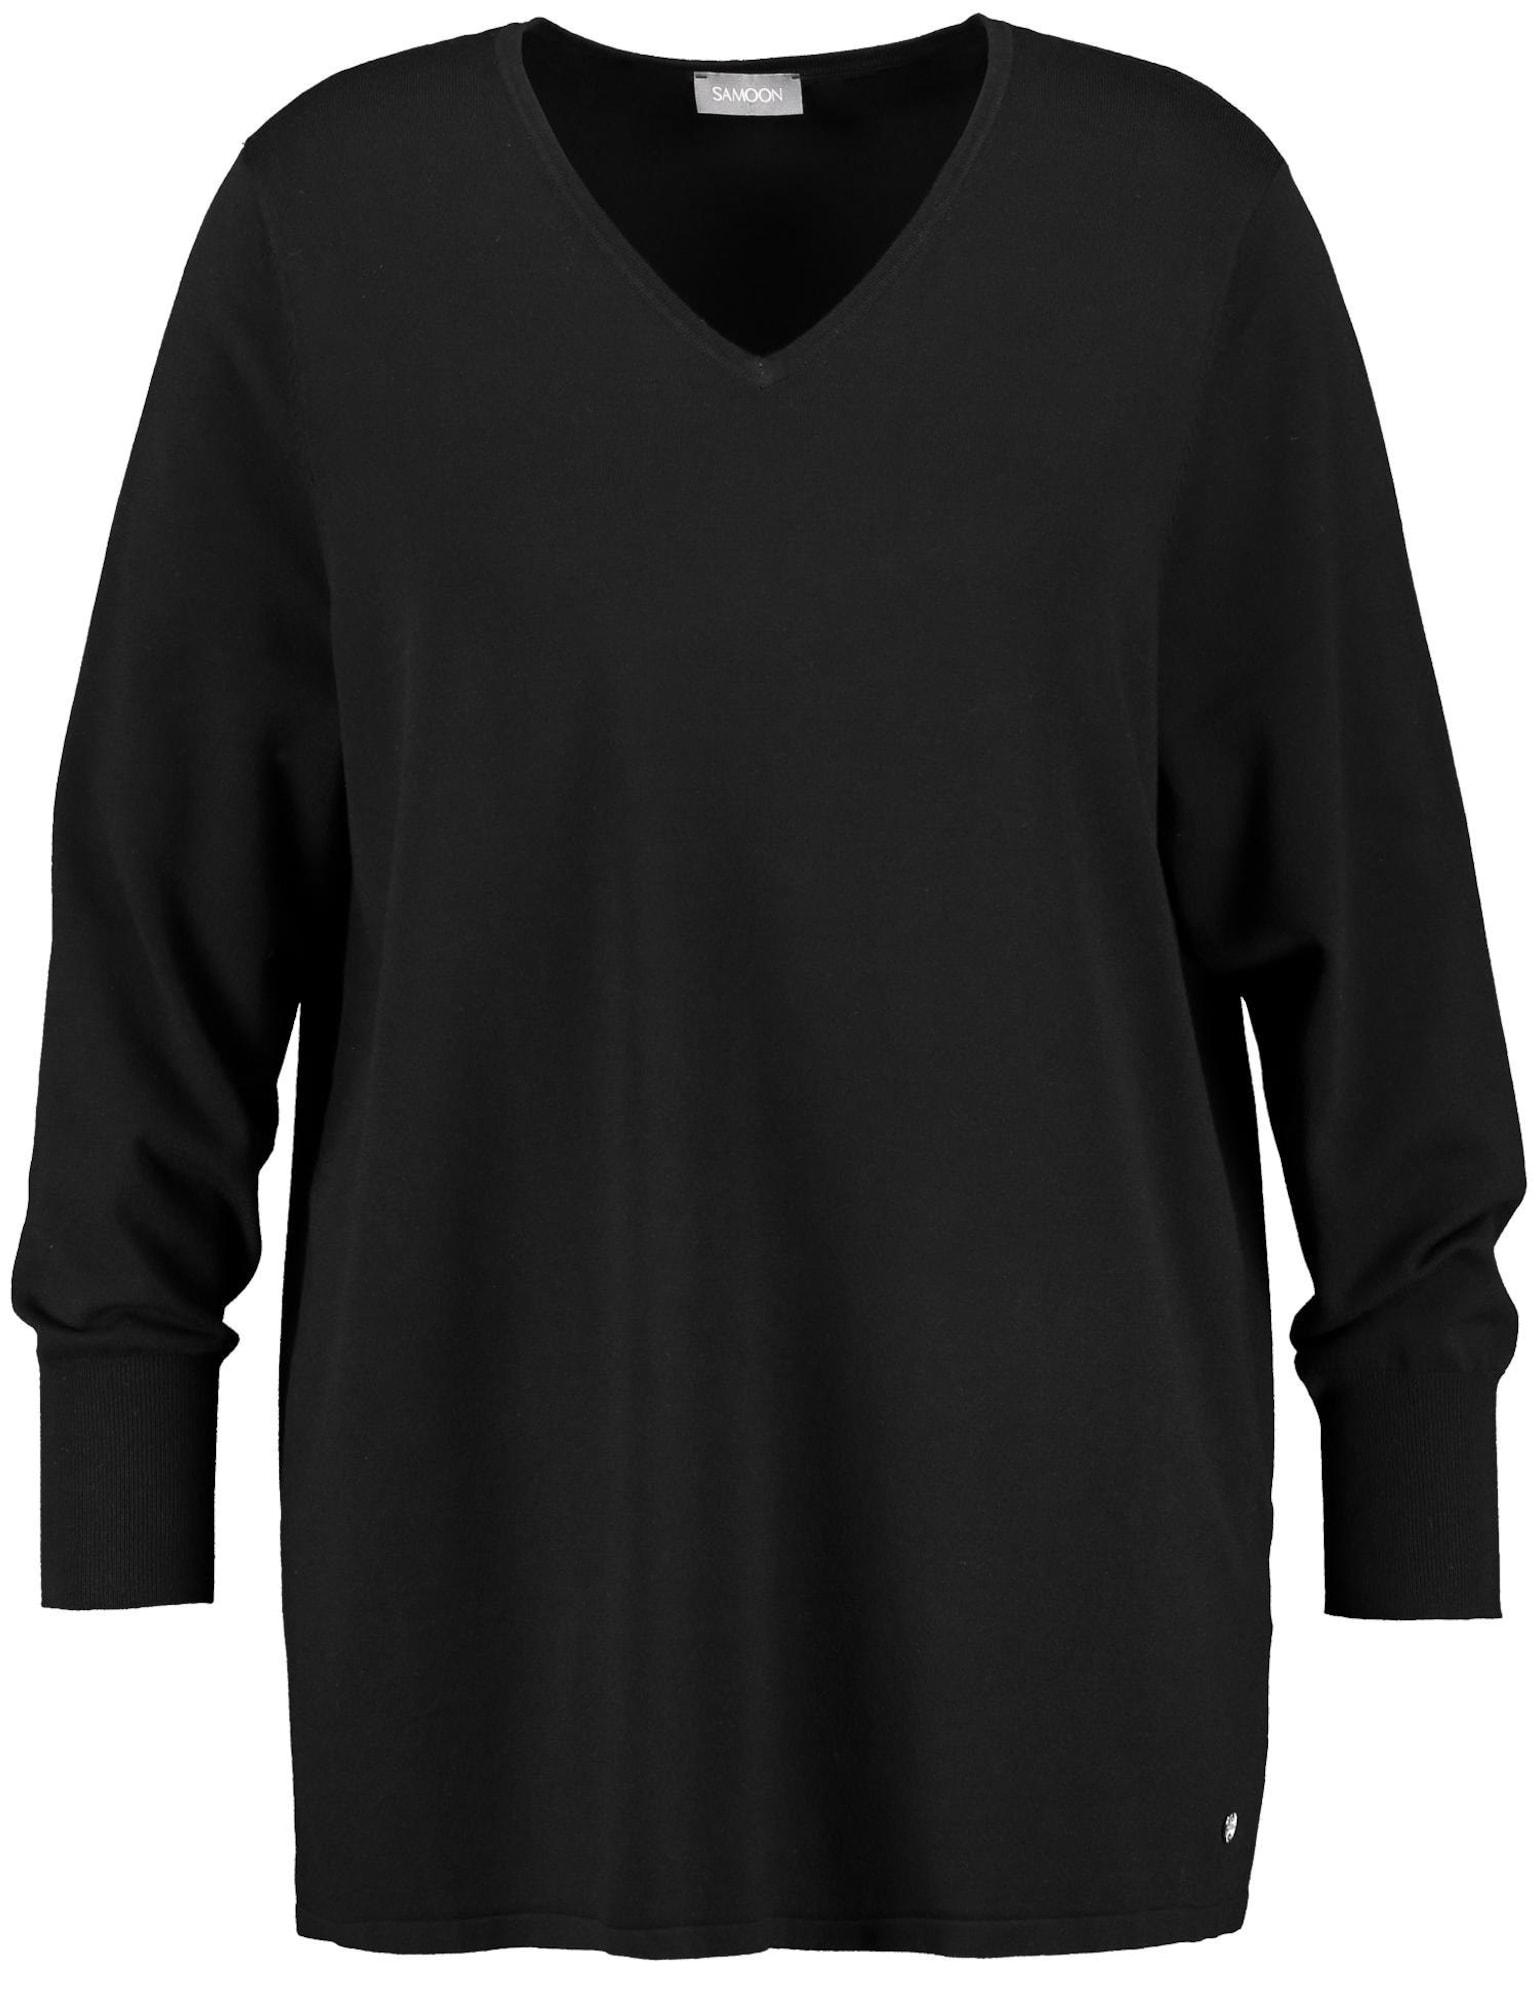 Pullover | Bekleidung > Pullover > Sonstige Pullover | Schwarz | SAMOON